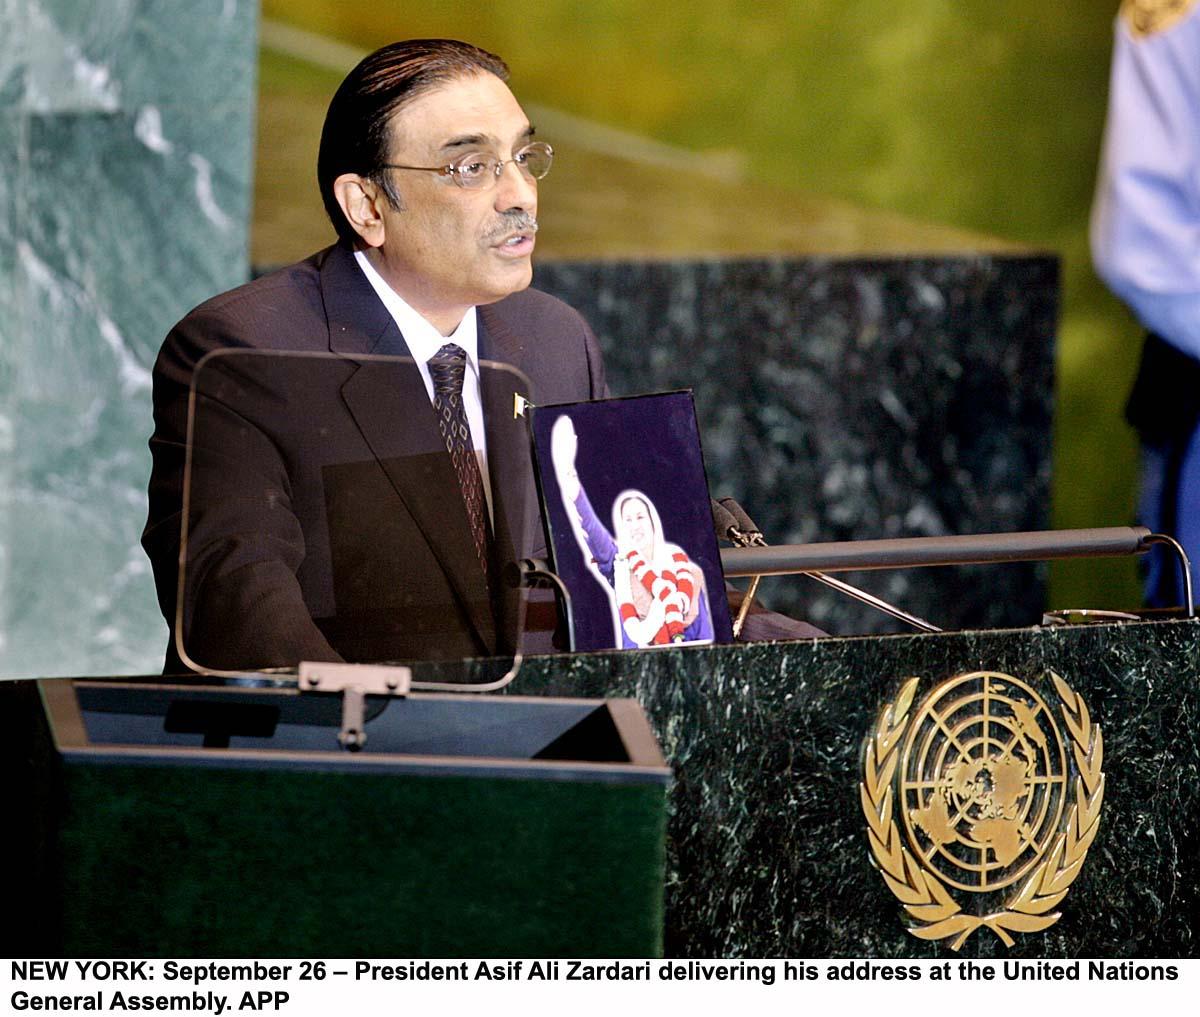 http://3.bp.blogspot.com/-1u31mf92Msg/Tyf5ekqNc-I/AAAAAAAADY0/KEUU0x1pYAw/s1600/Asif-Ali-Zardari-photos.jpg